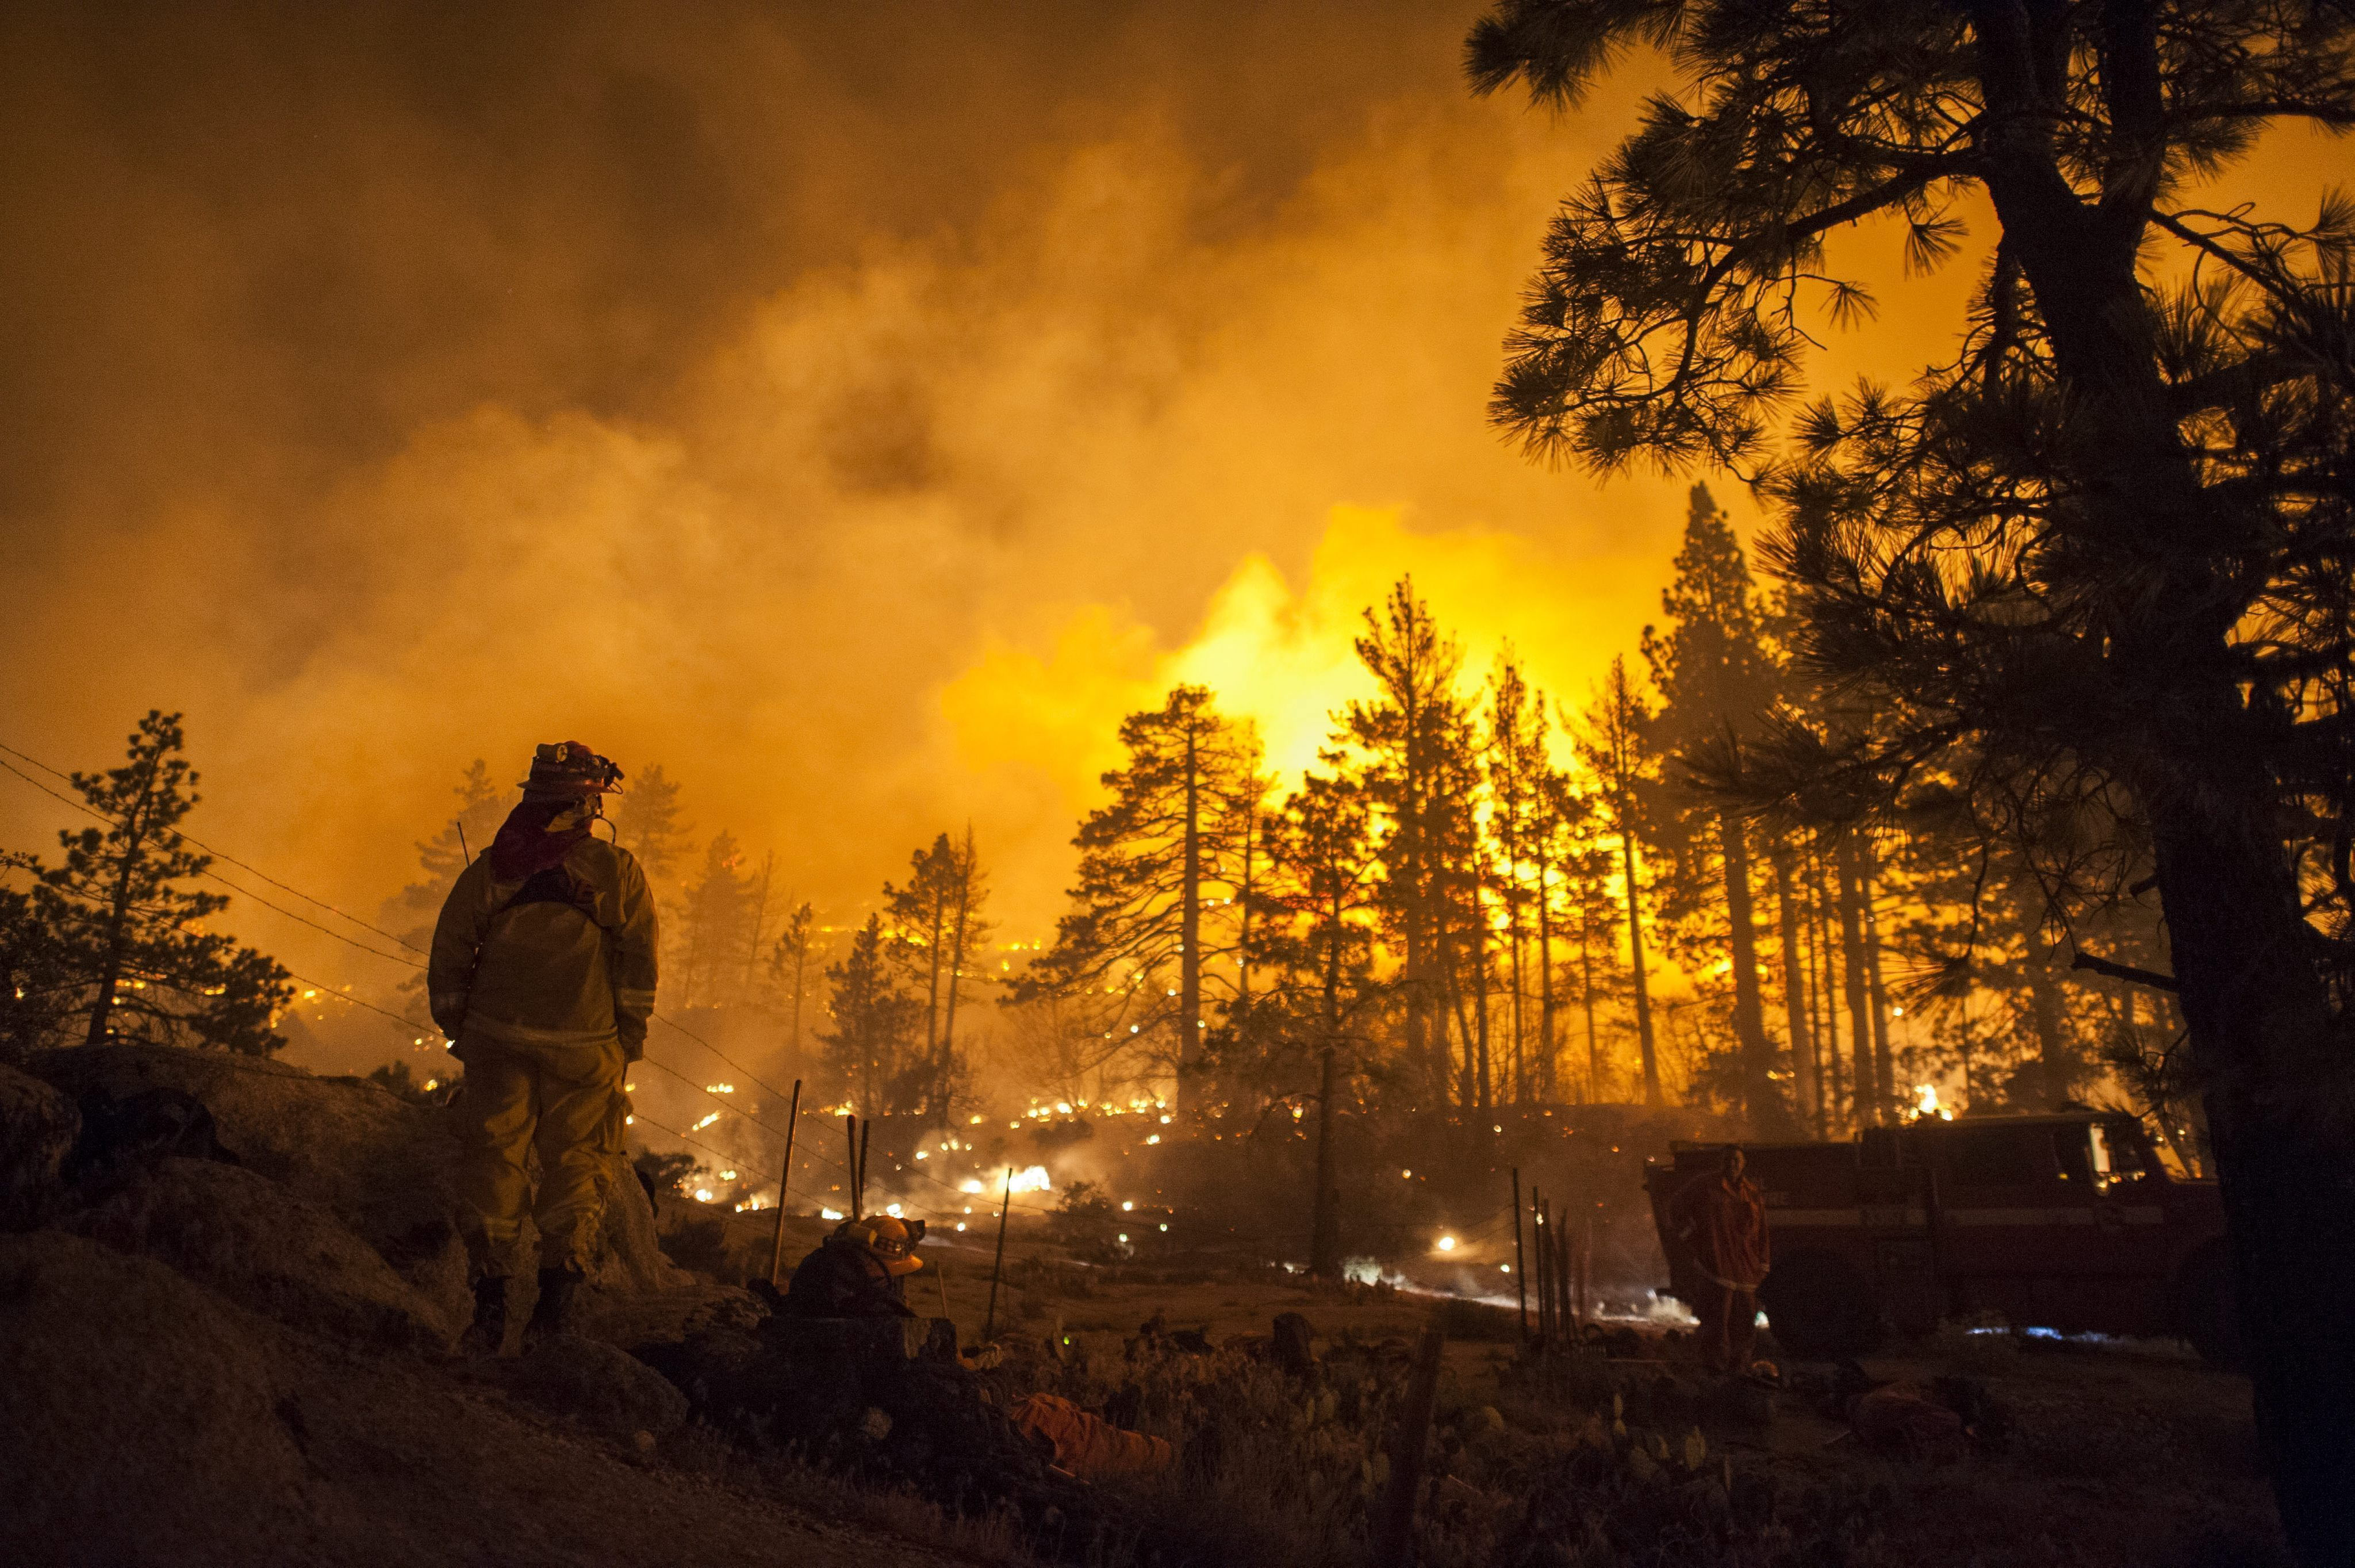 Un gran incendio fuera de control se desata cerca del parque Yosemite de EE.UU.